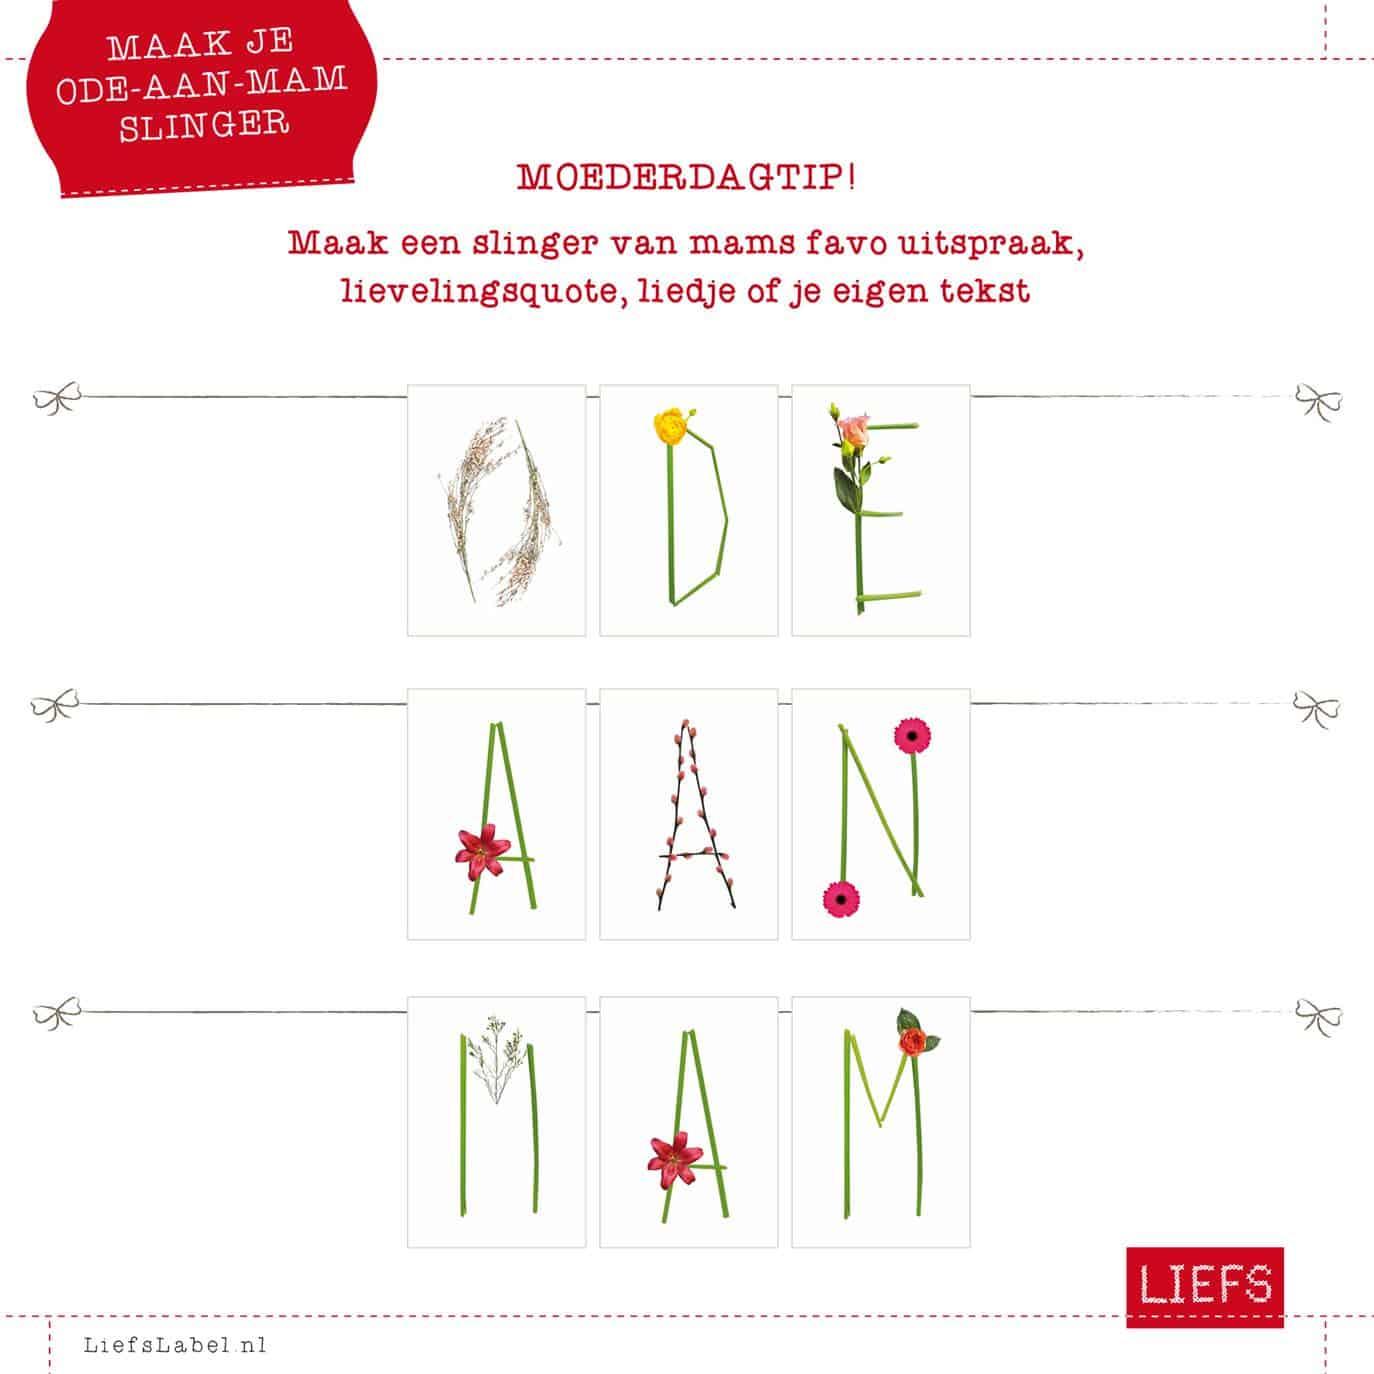 Moederdagtip: Tekstslinger van bloemletters